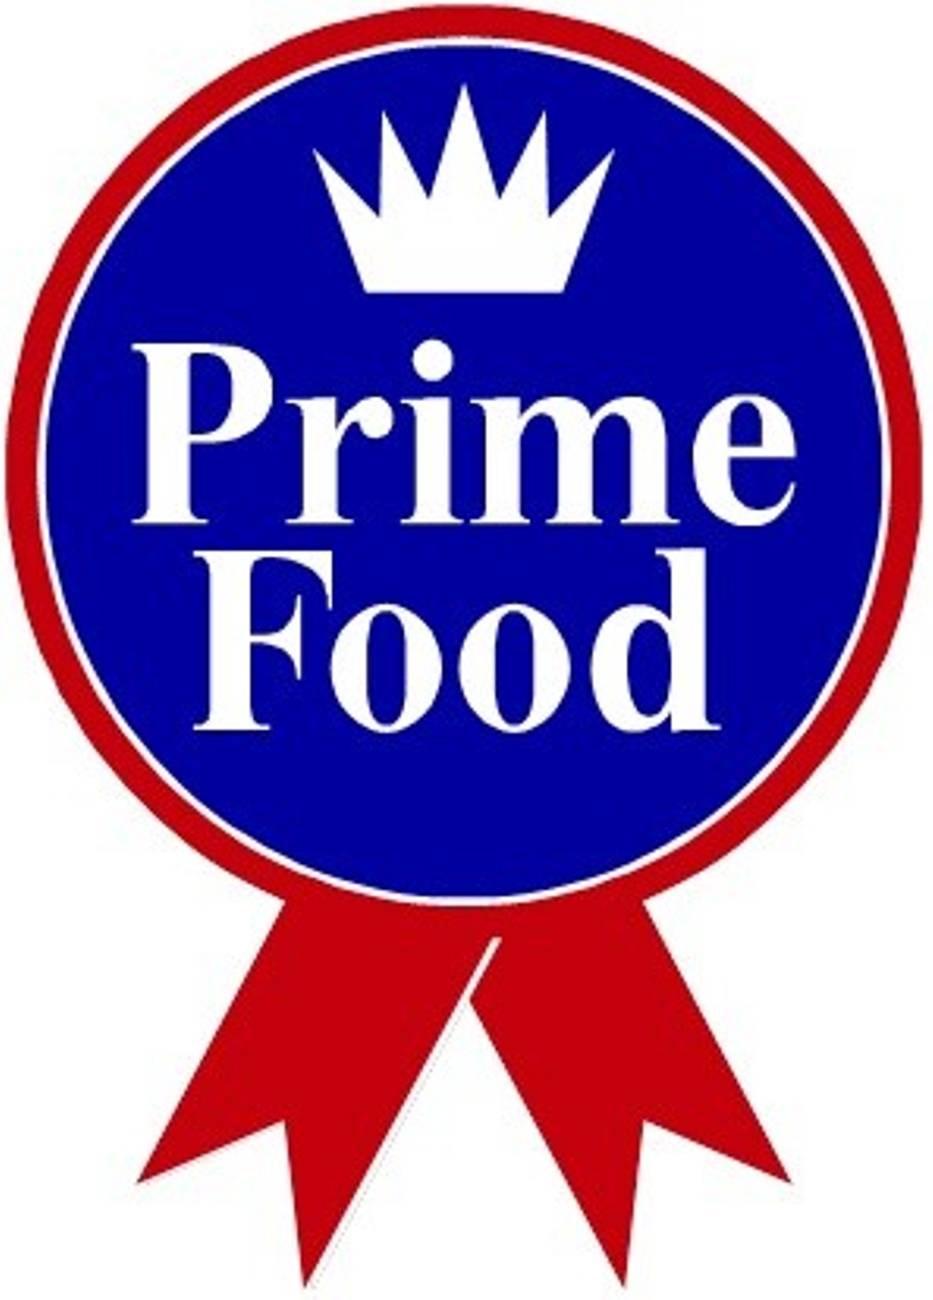 Prime Food debiutuje w sieci Netto z mięsem wieprzowym